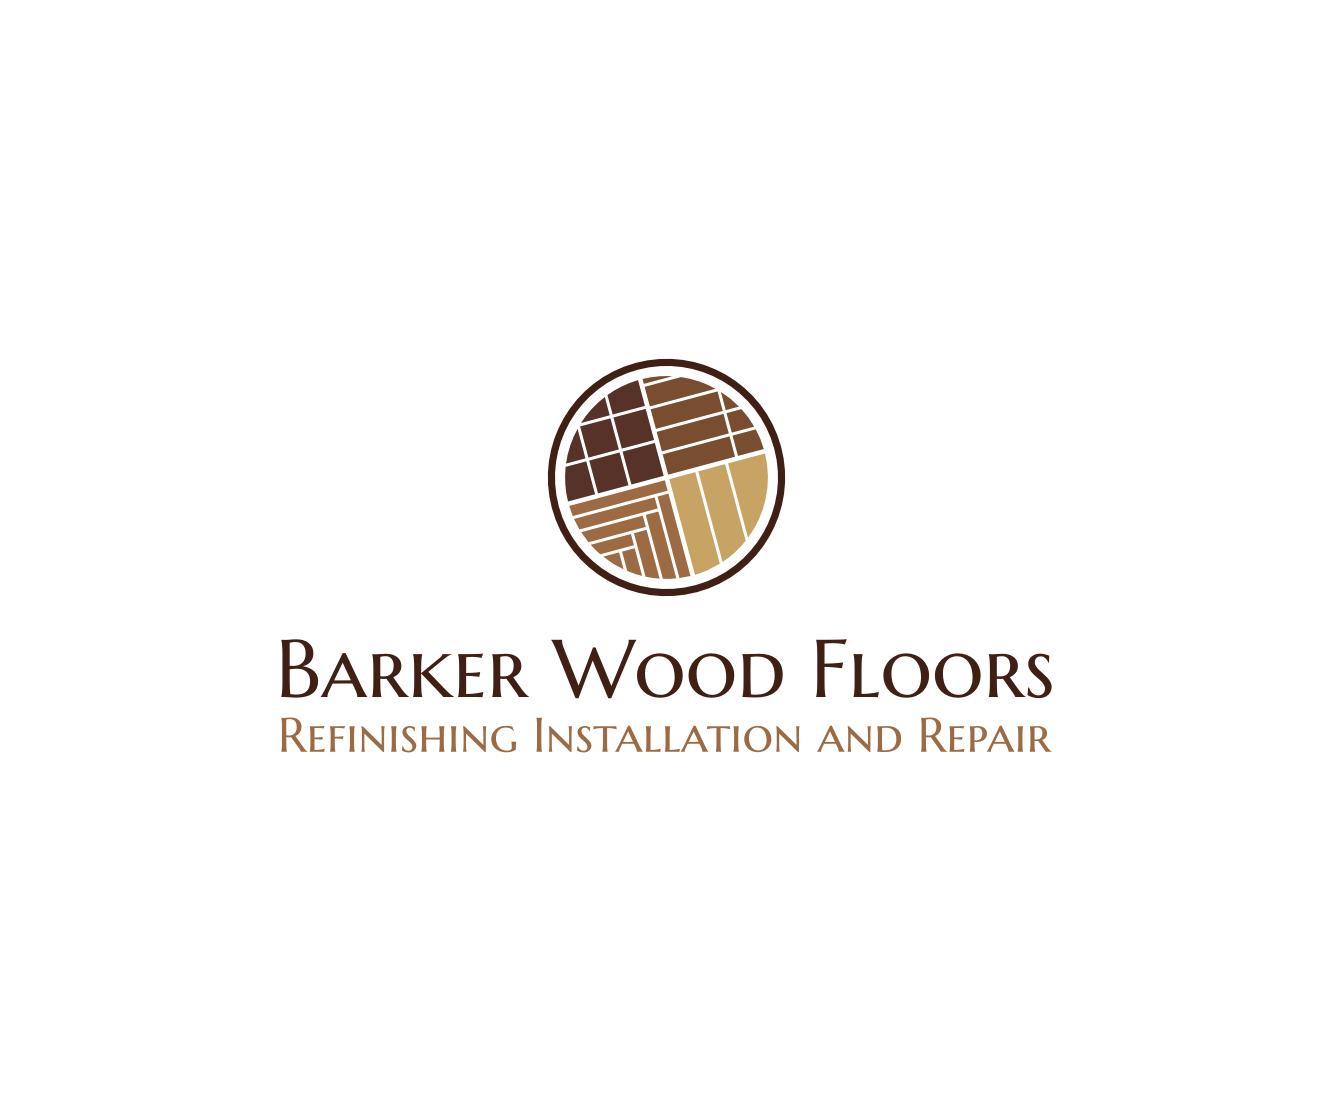 Logo Design By Designbb For Barker Wood Floors